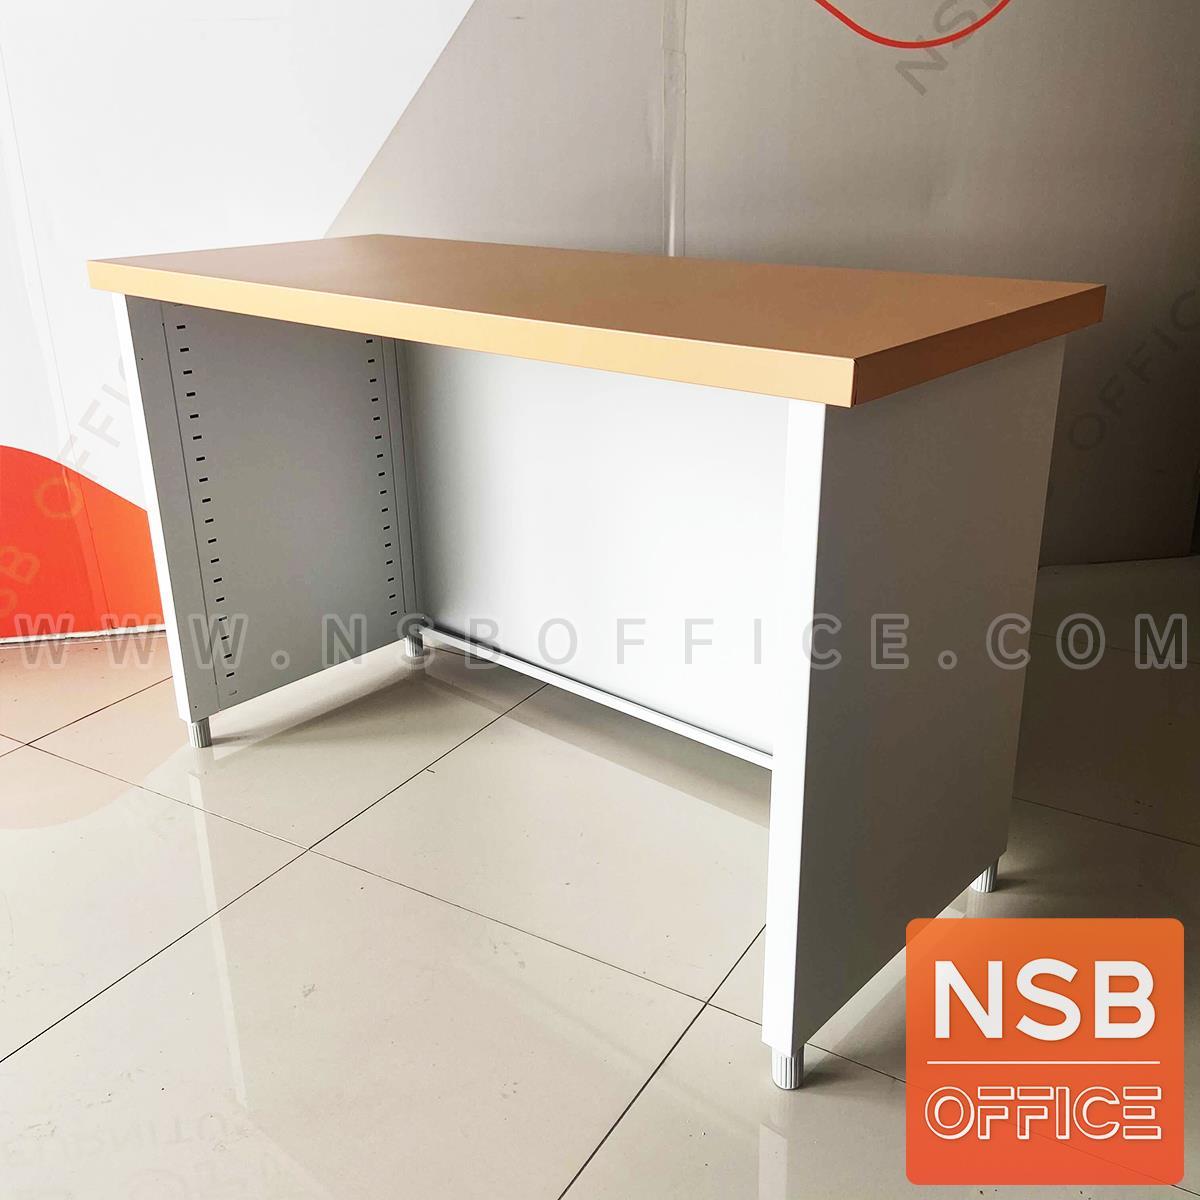 โต๊ะทำงานเหล็กล้วน รุ่น Felix (เฟลิกซ์)  พ่นสีอีพ๊อกซี่ (EPOXY)